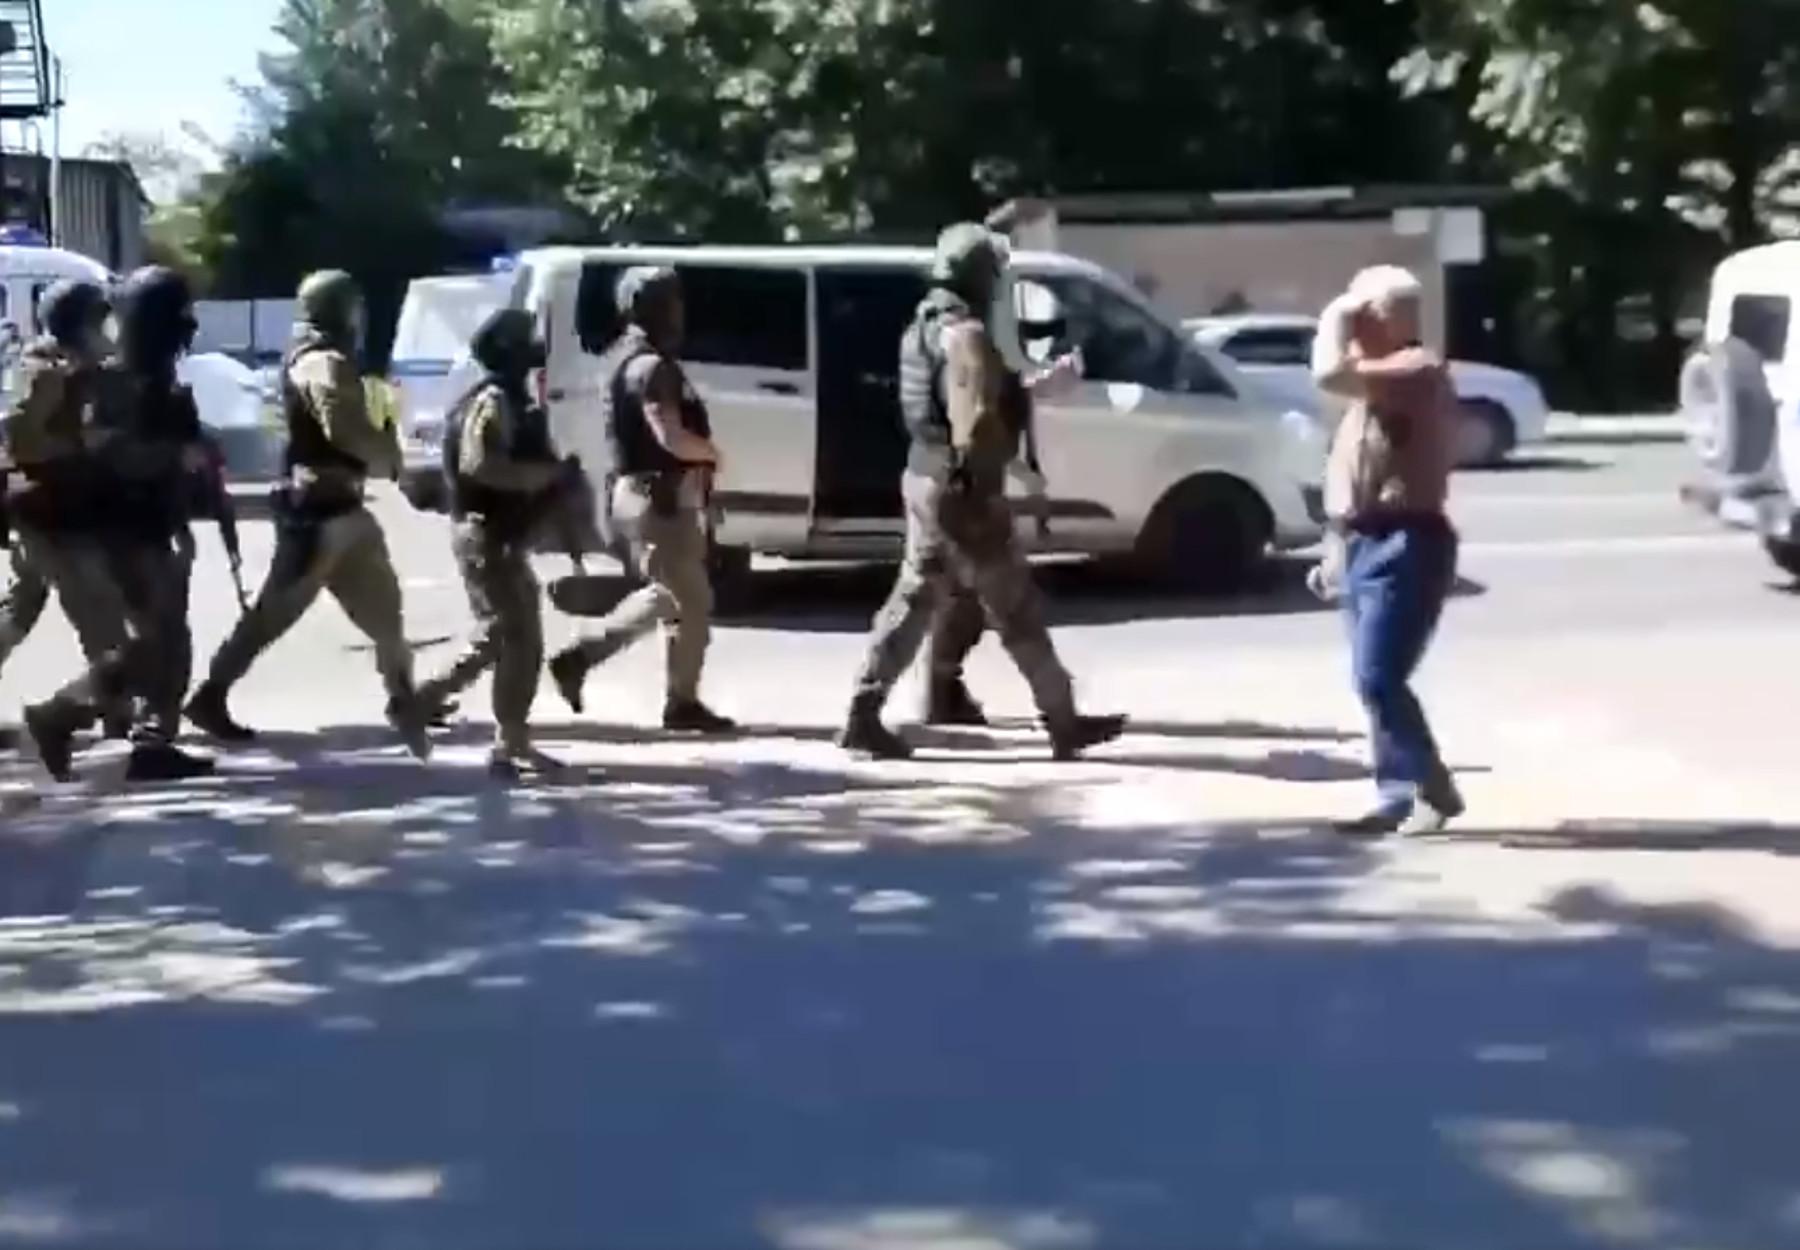 Ρωσία: Συνελήφθη ο άνδρας που κρατούσε ομήρους σε τράπεζα